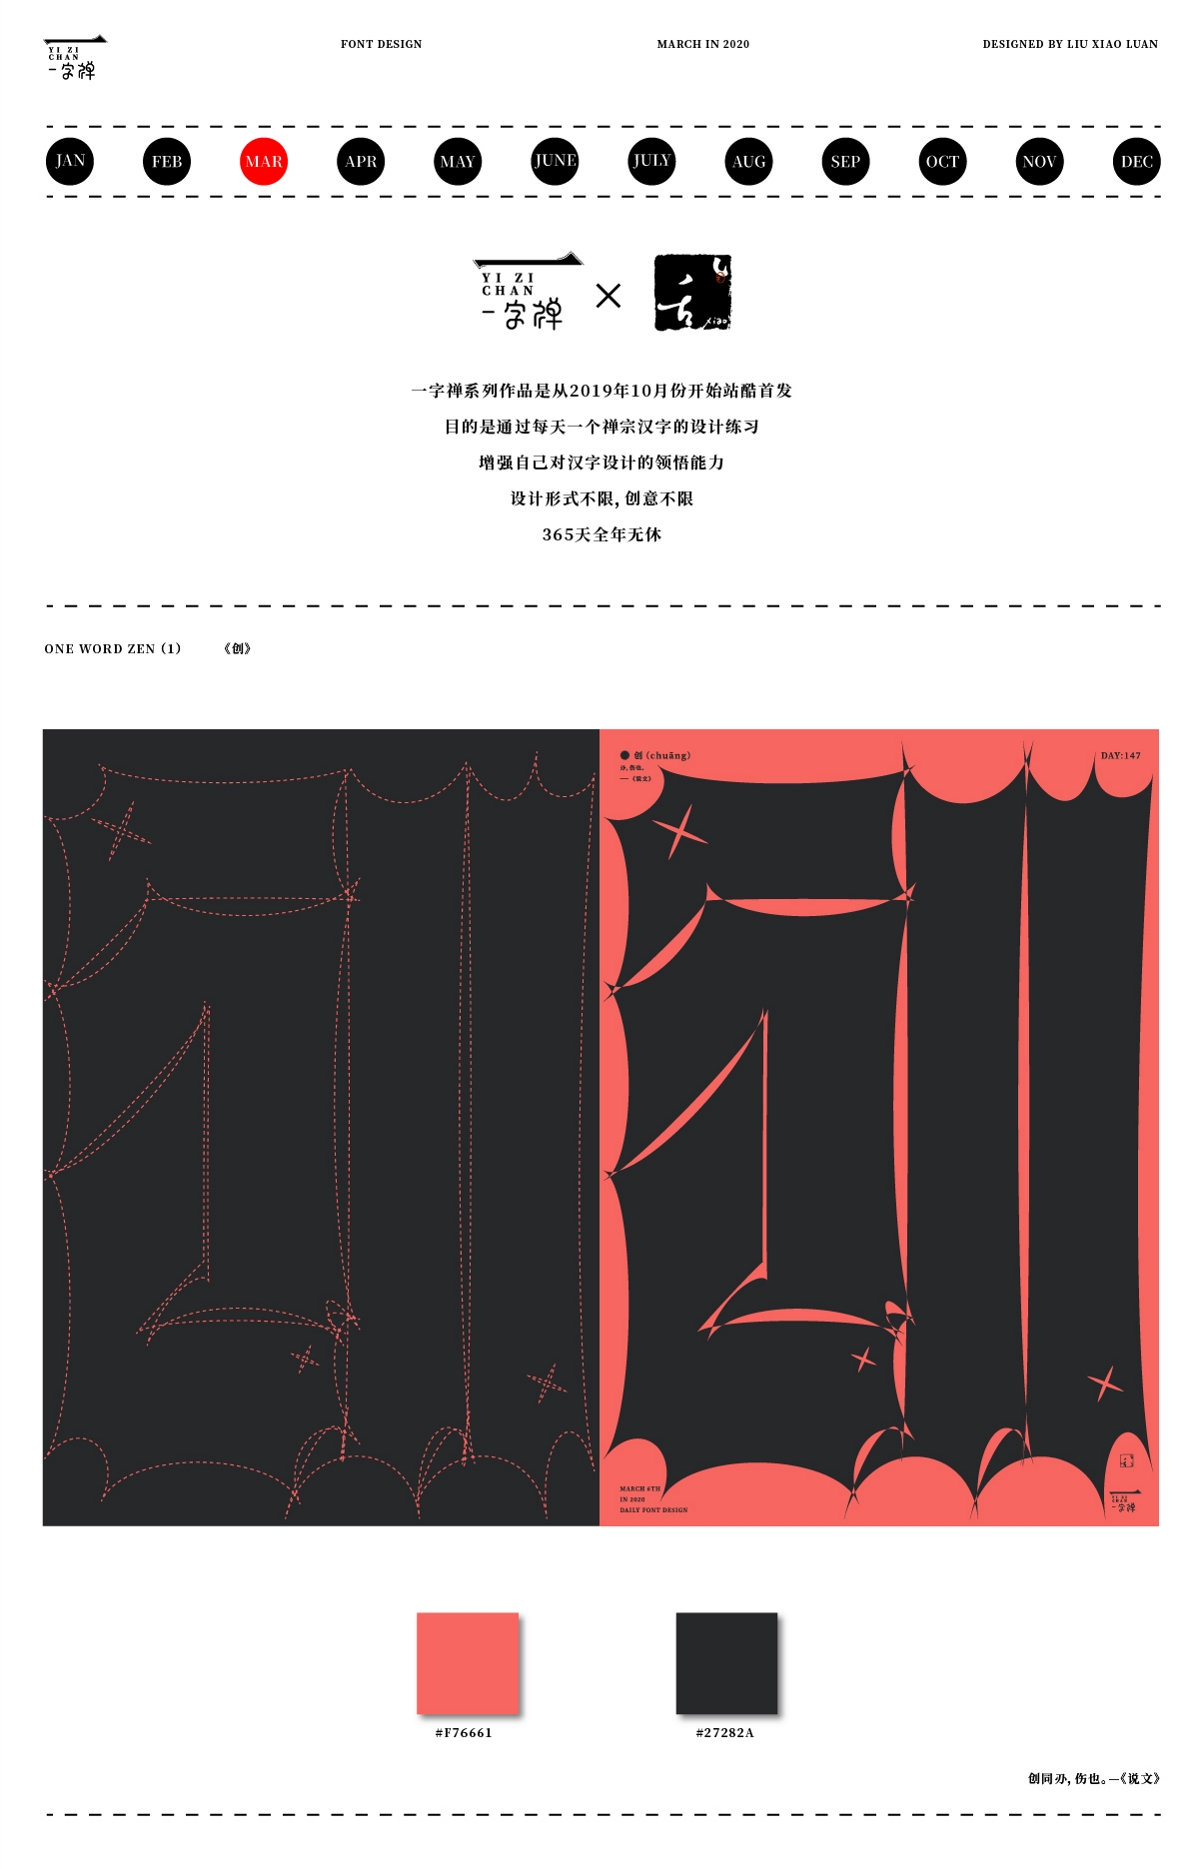 三月《一字禅》 | 刘小乱2020